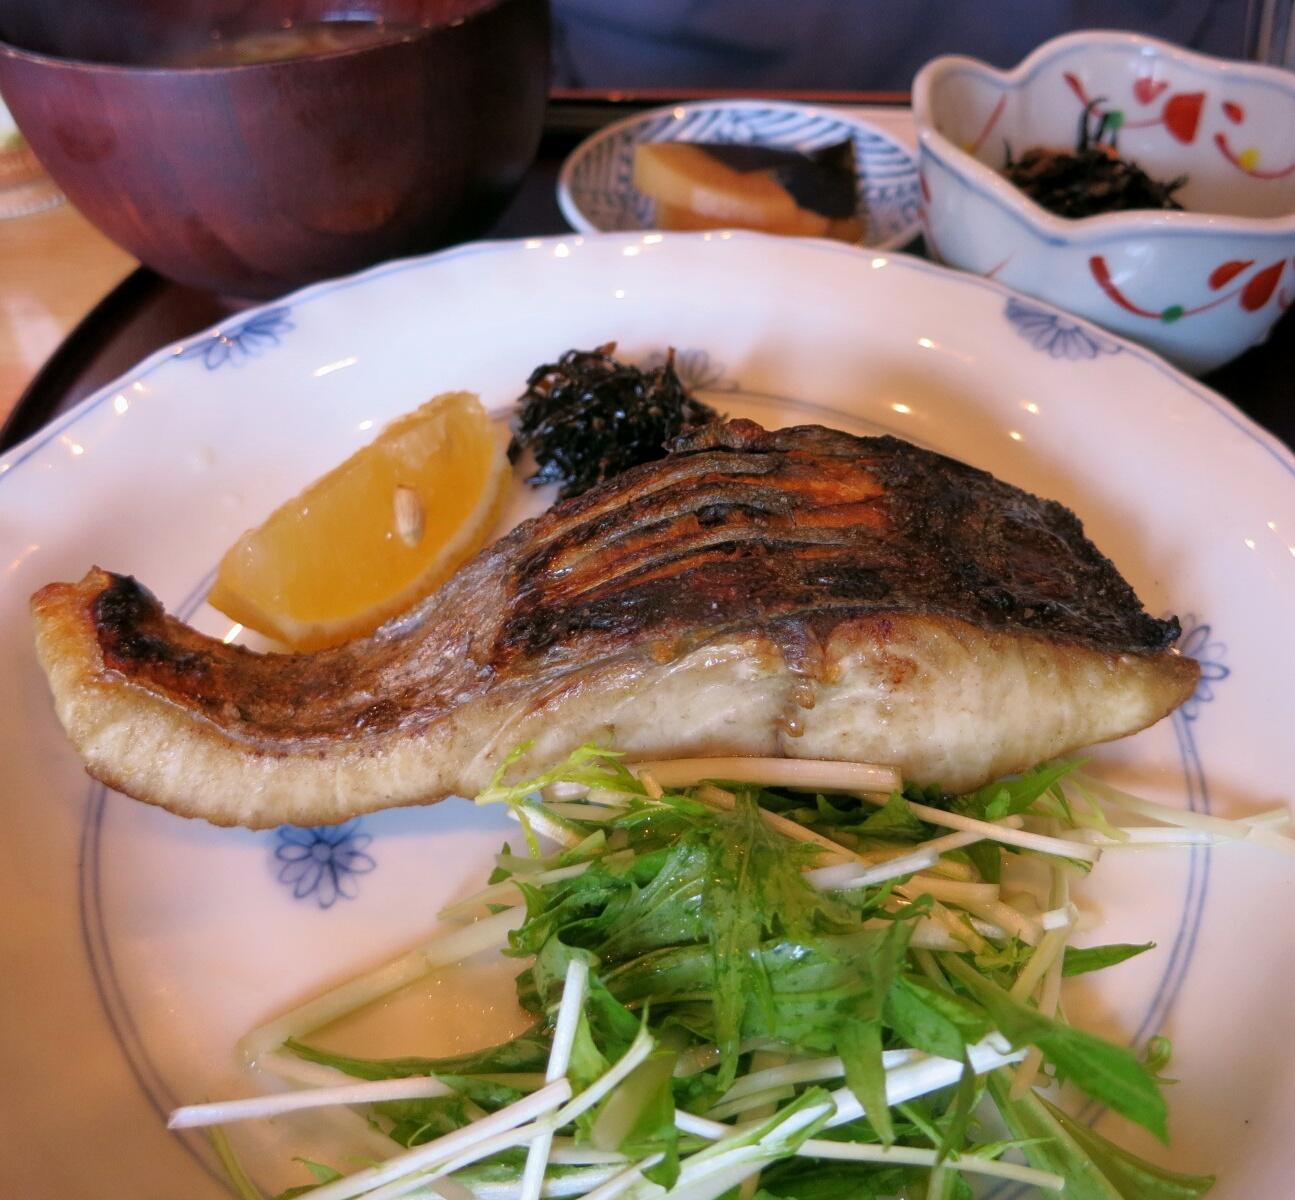 お料理 いけだ『炭火焼き定食・魚』 @佐久 _f0236260_22444120.jpg